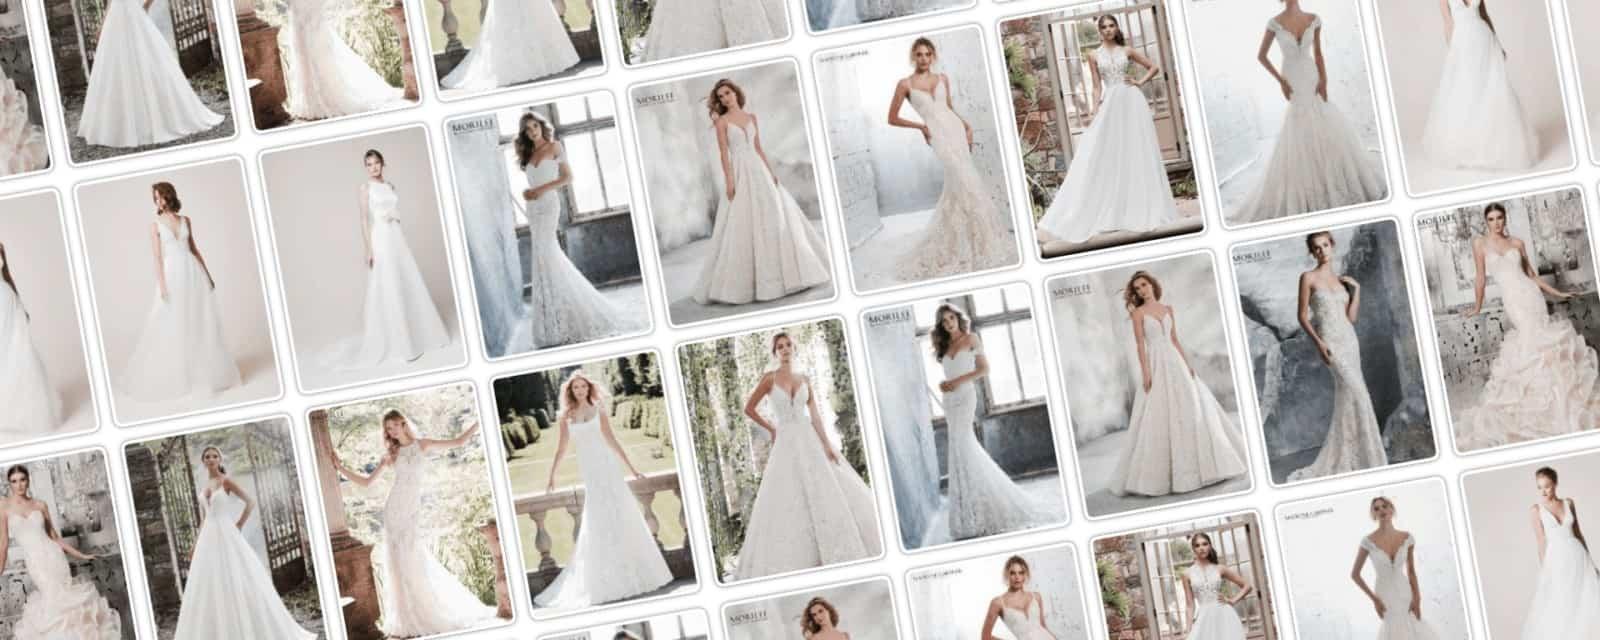 Eklektika eskuvoi ruhaszalon weboldalanak kezdo fotoja A kepen tobb menyasszony lathato, kulonfele menyasszonyi ruha van a modelleken.